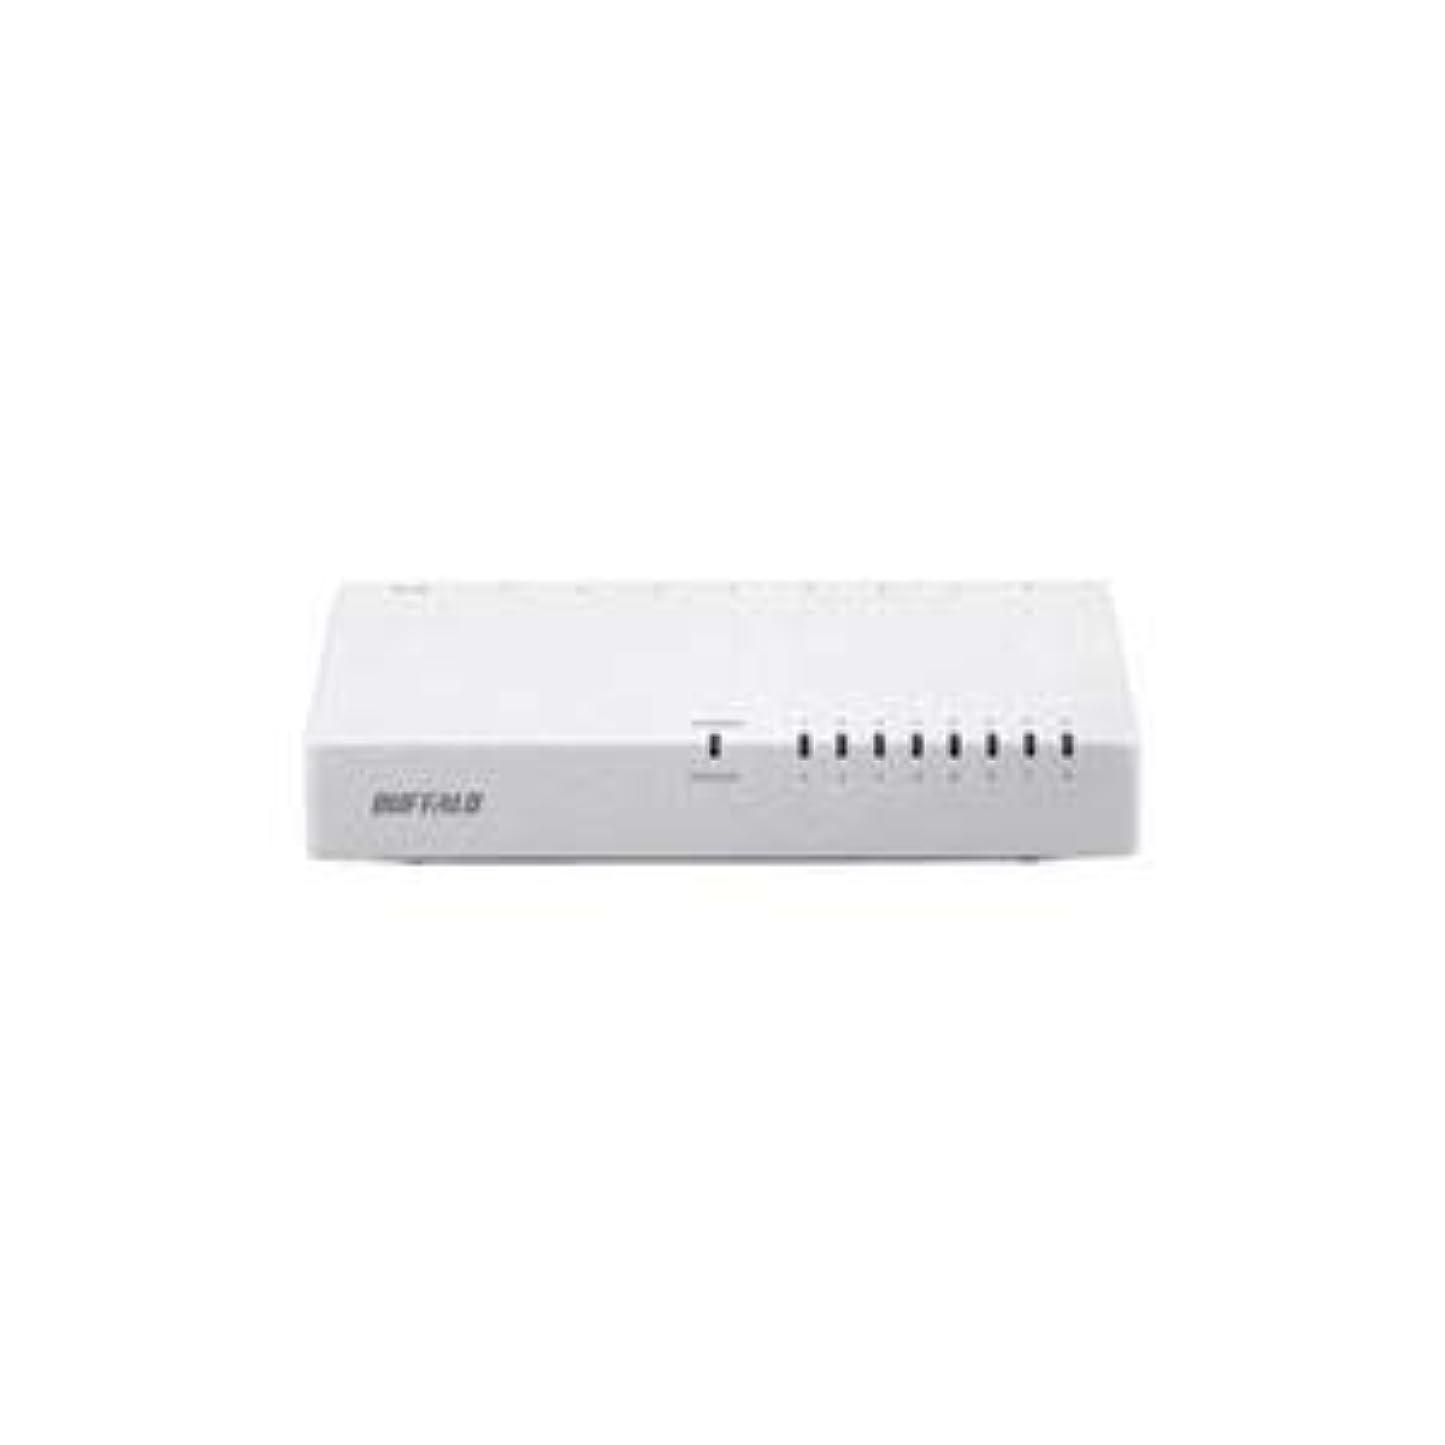 鷹備品バンドル(まとめ) BUFFALO バッファロー 10/100Mbps対応スイッチングHub プラスチック筐体/電源外付けモデル(8ポート) ブラック LSW4-TX-8EP/WHD 【×2セット】